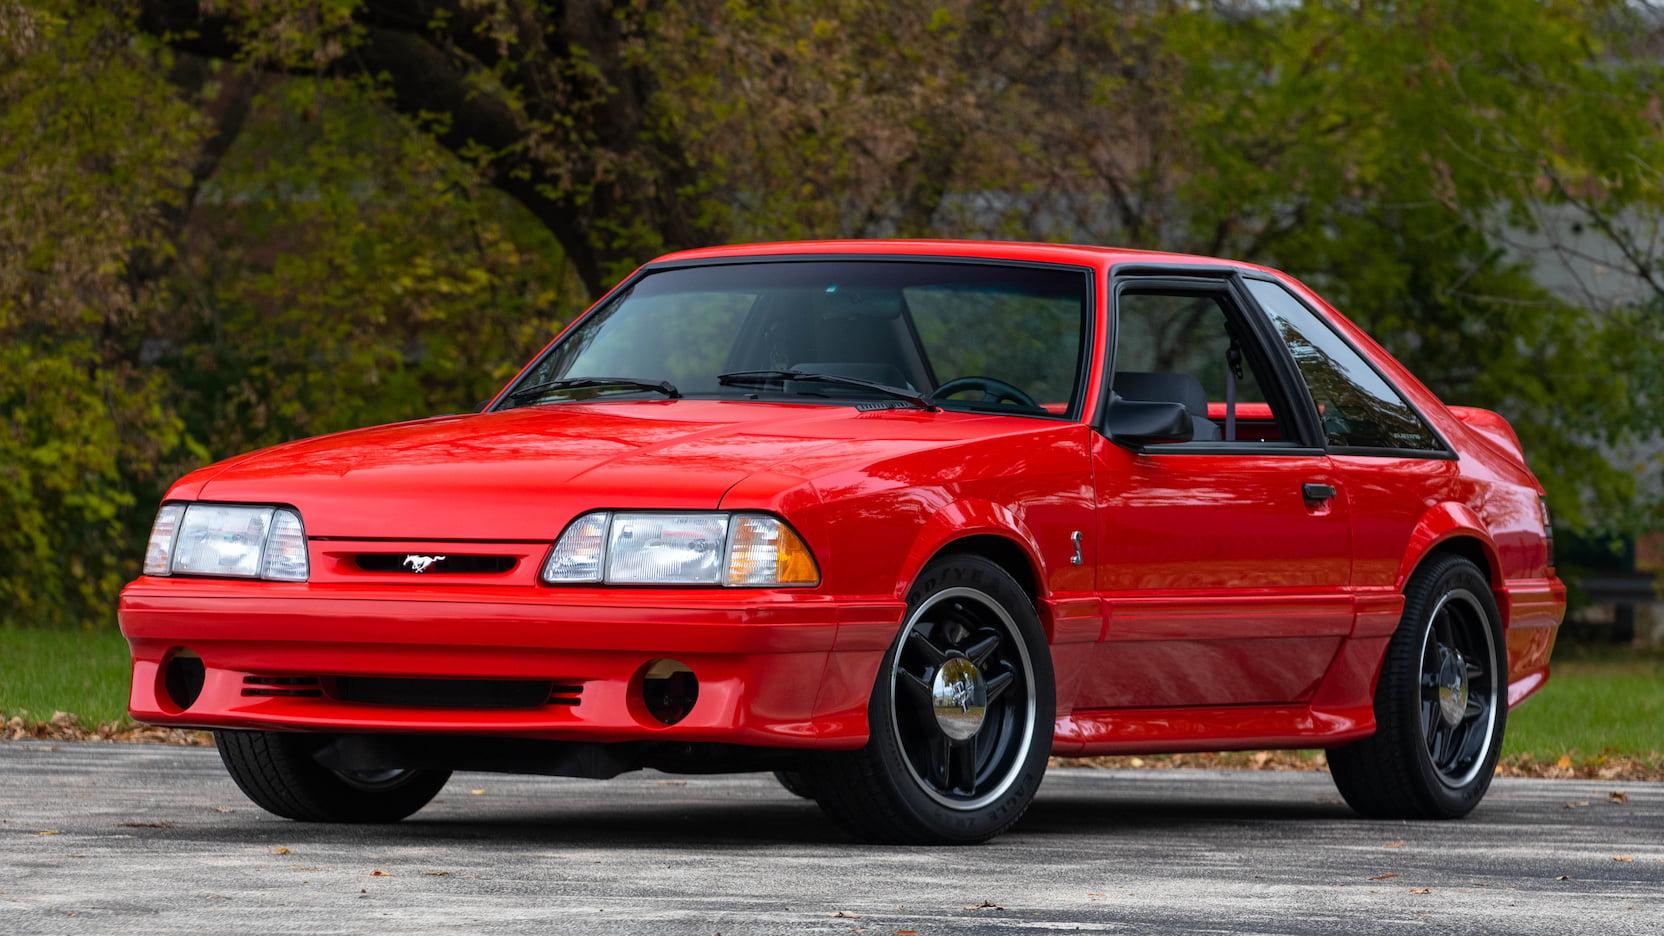 SVT Cobra R